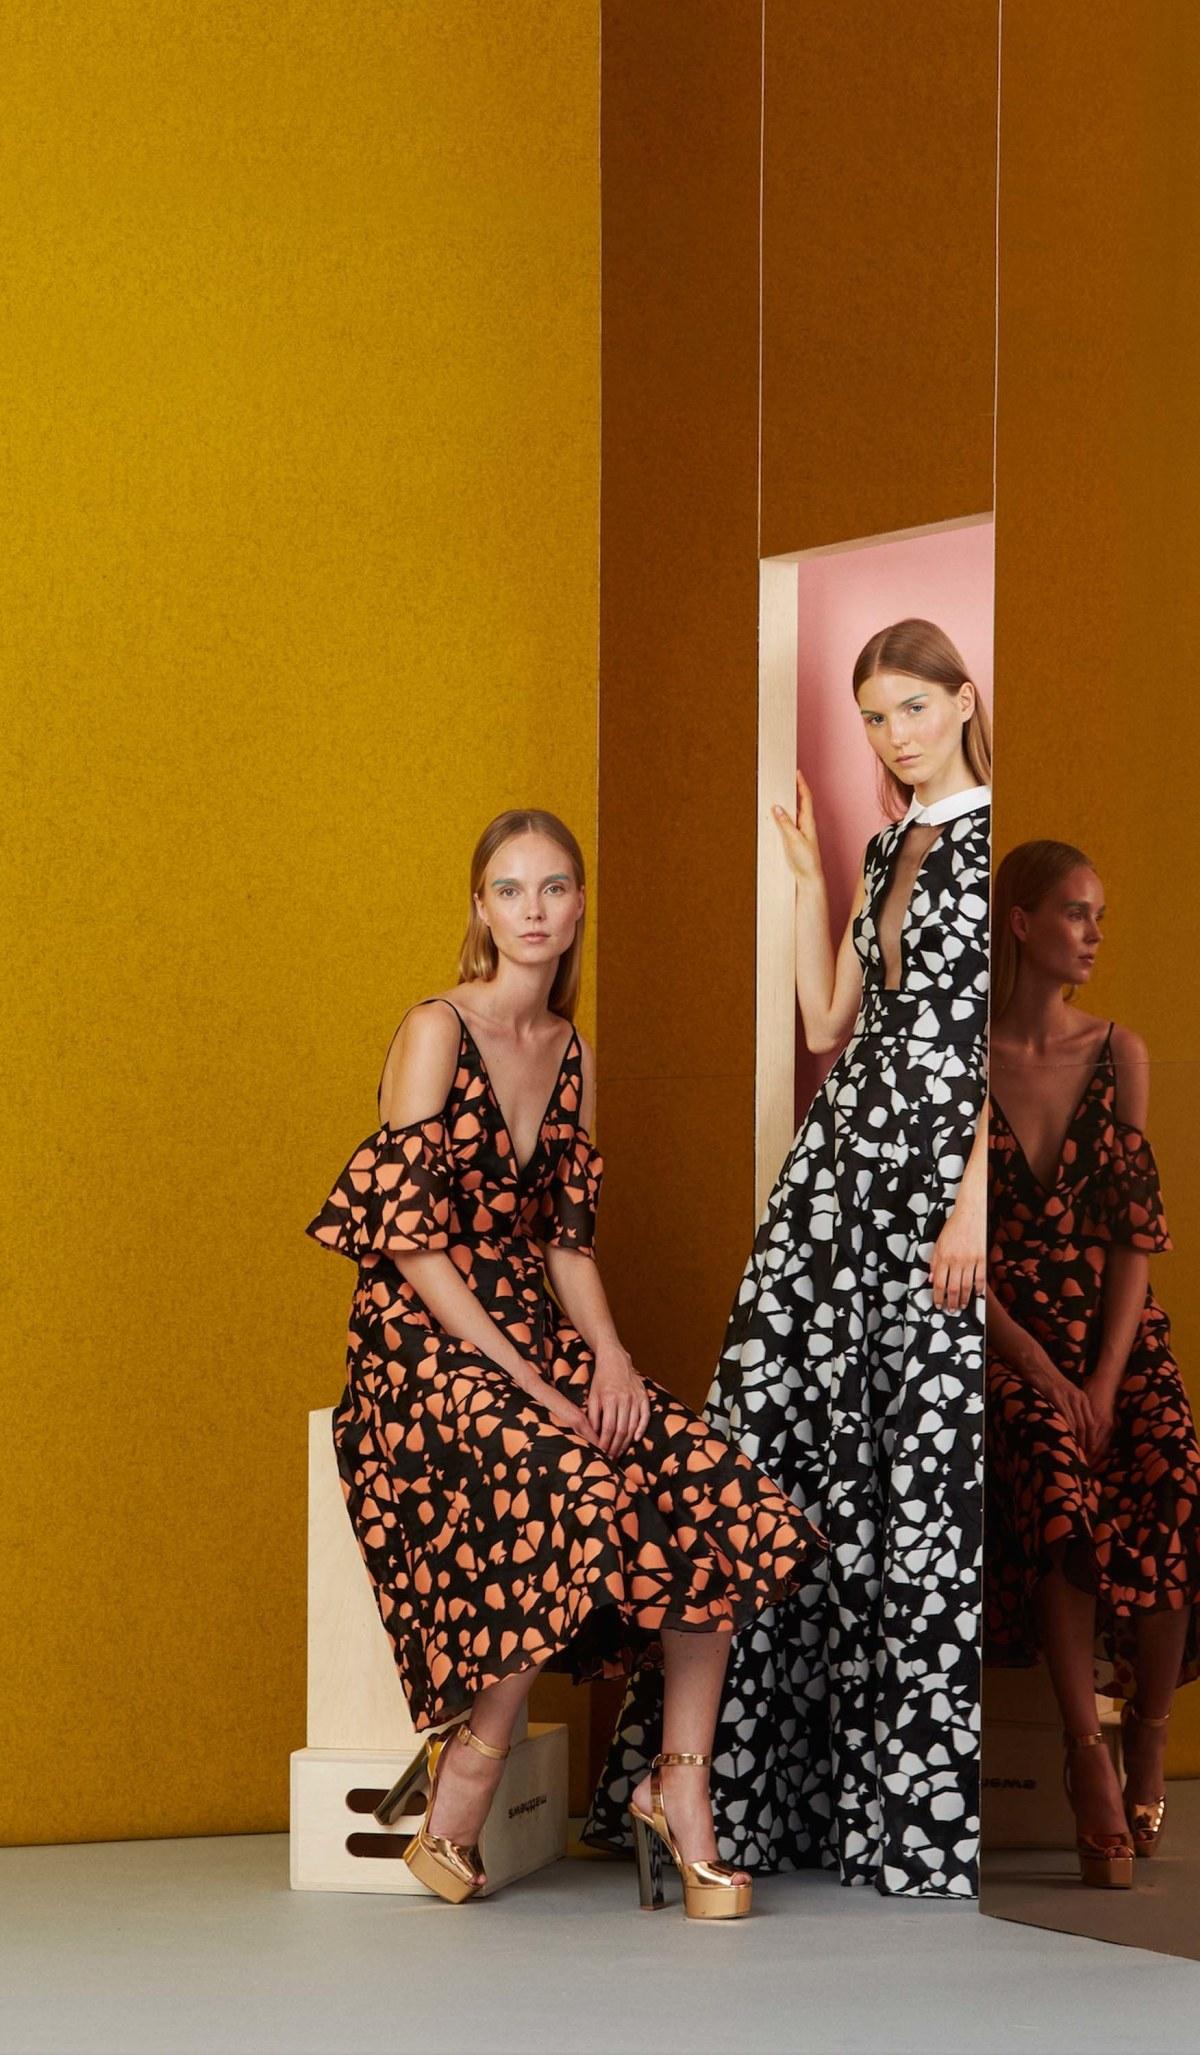 Lela-Rose-Resort-2017-fashion-show-the-impression-025